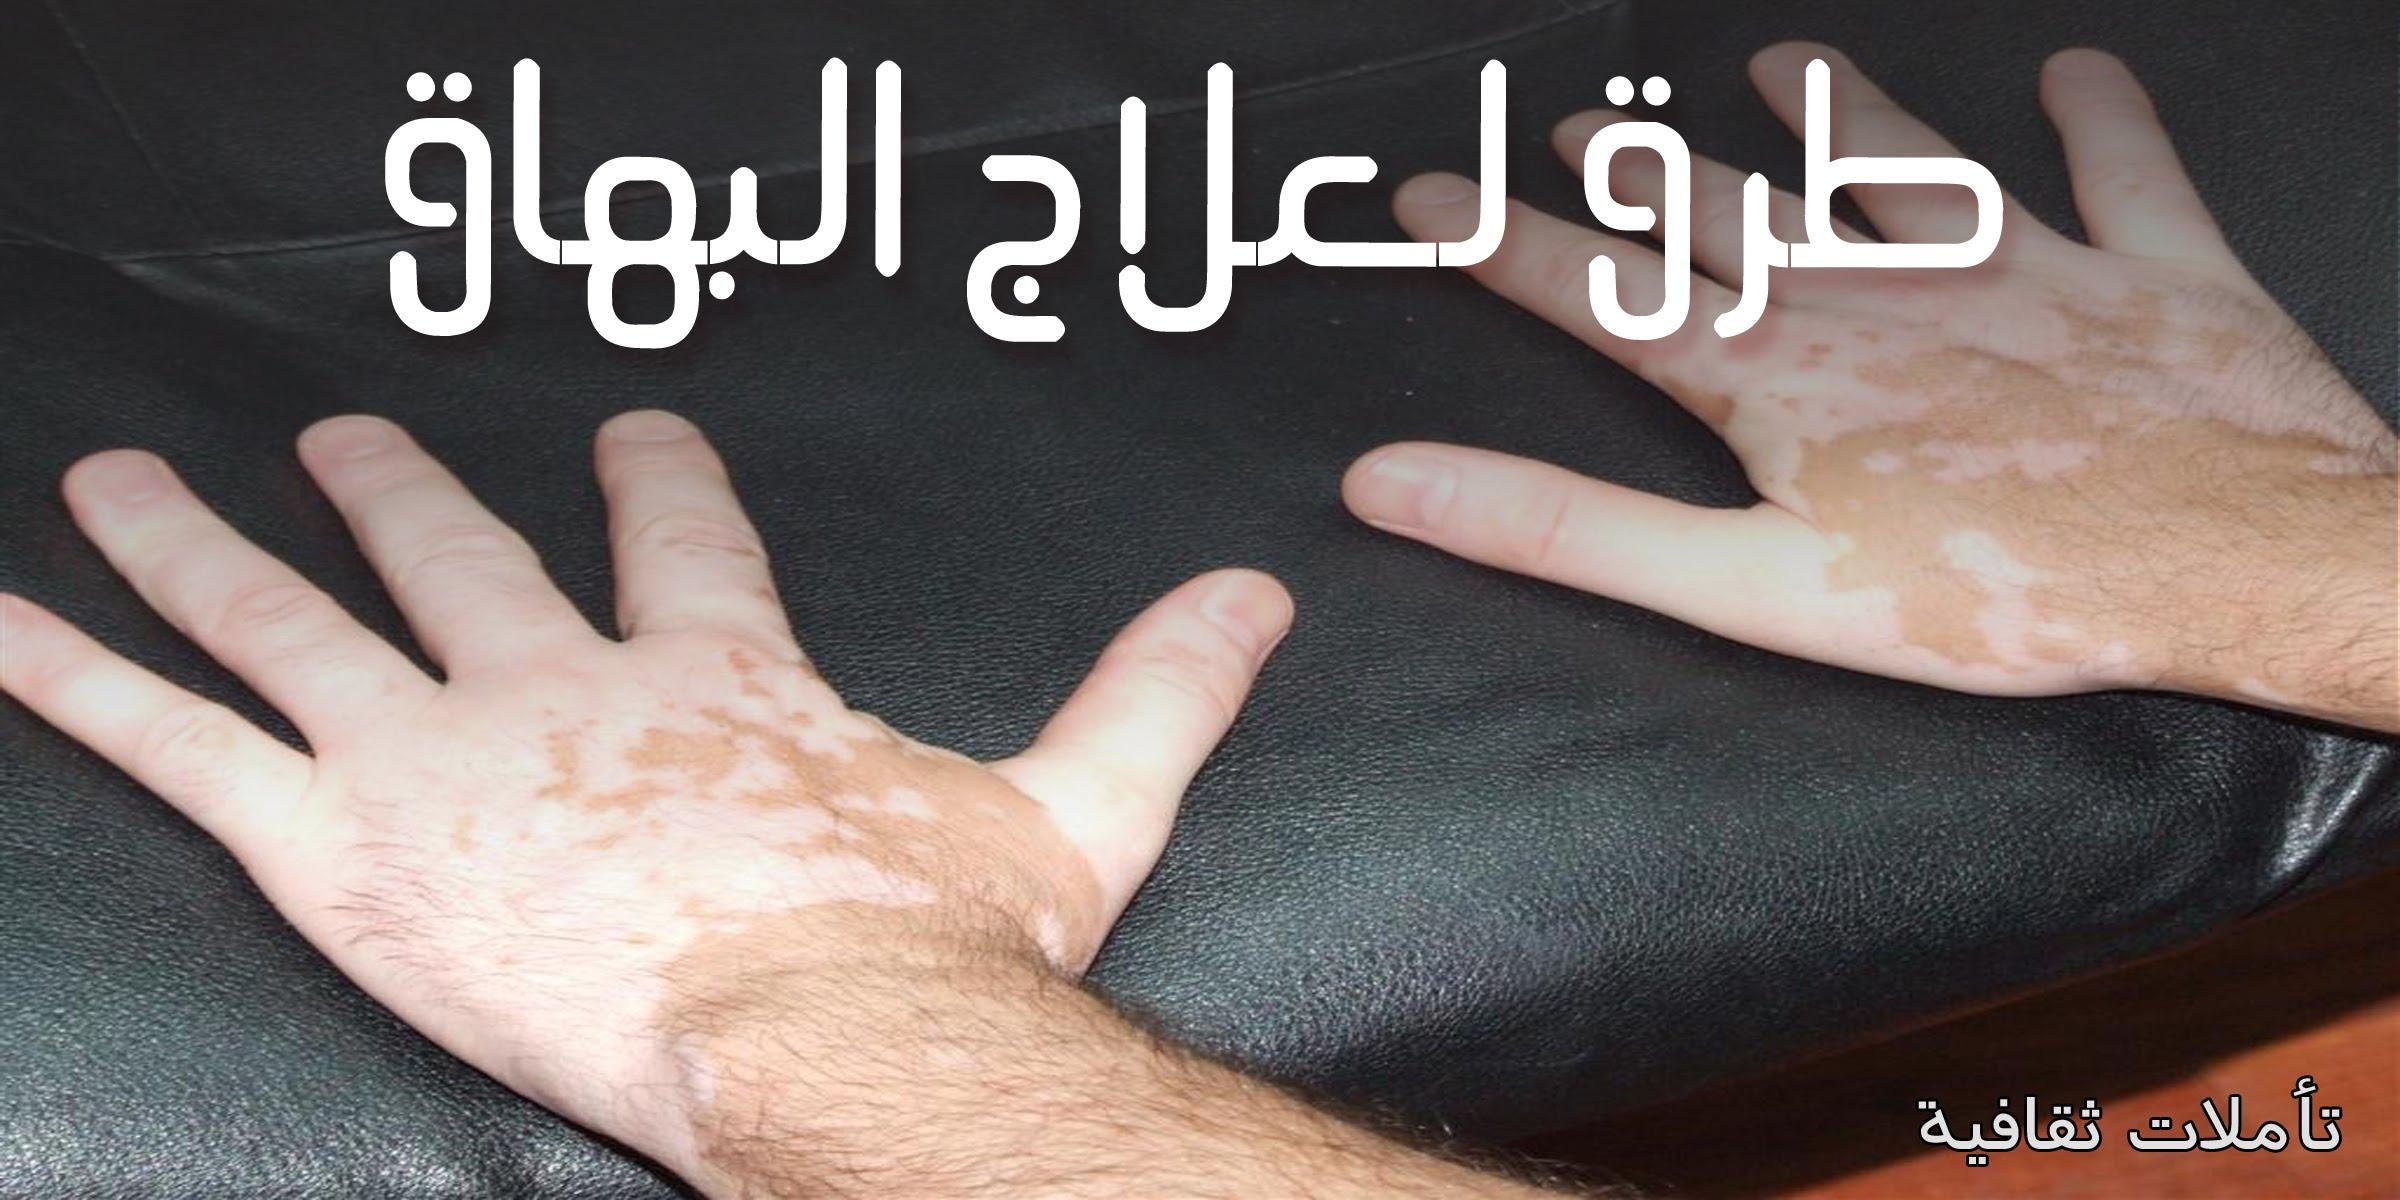 صور علاج البرص , افضل علاج مستخدم لعلاج البرص